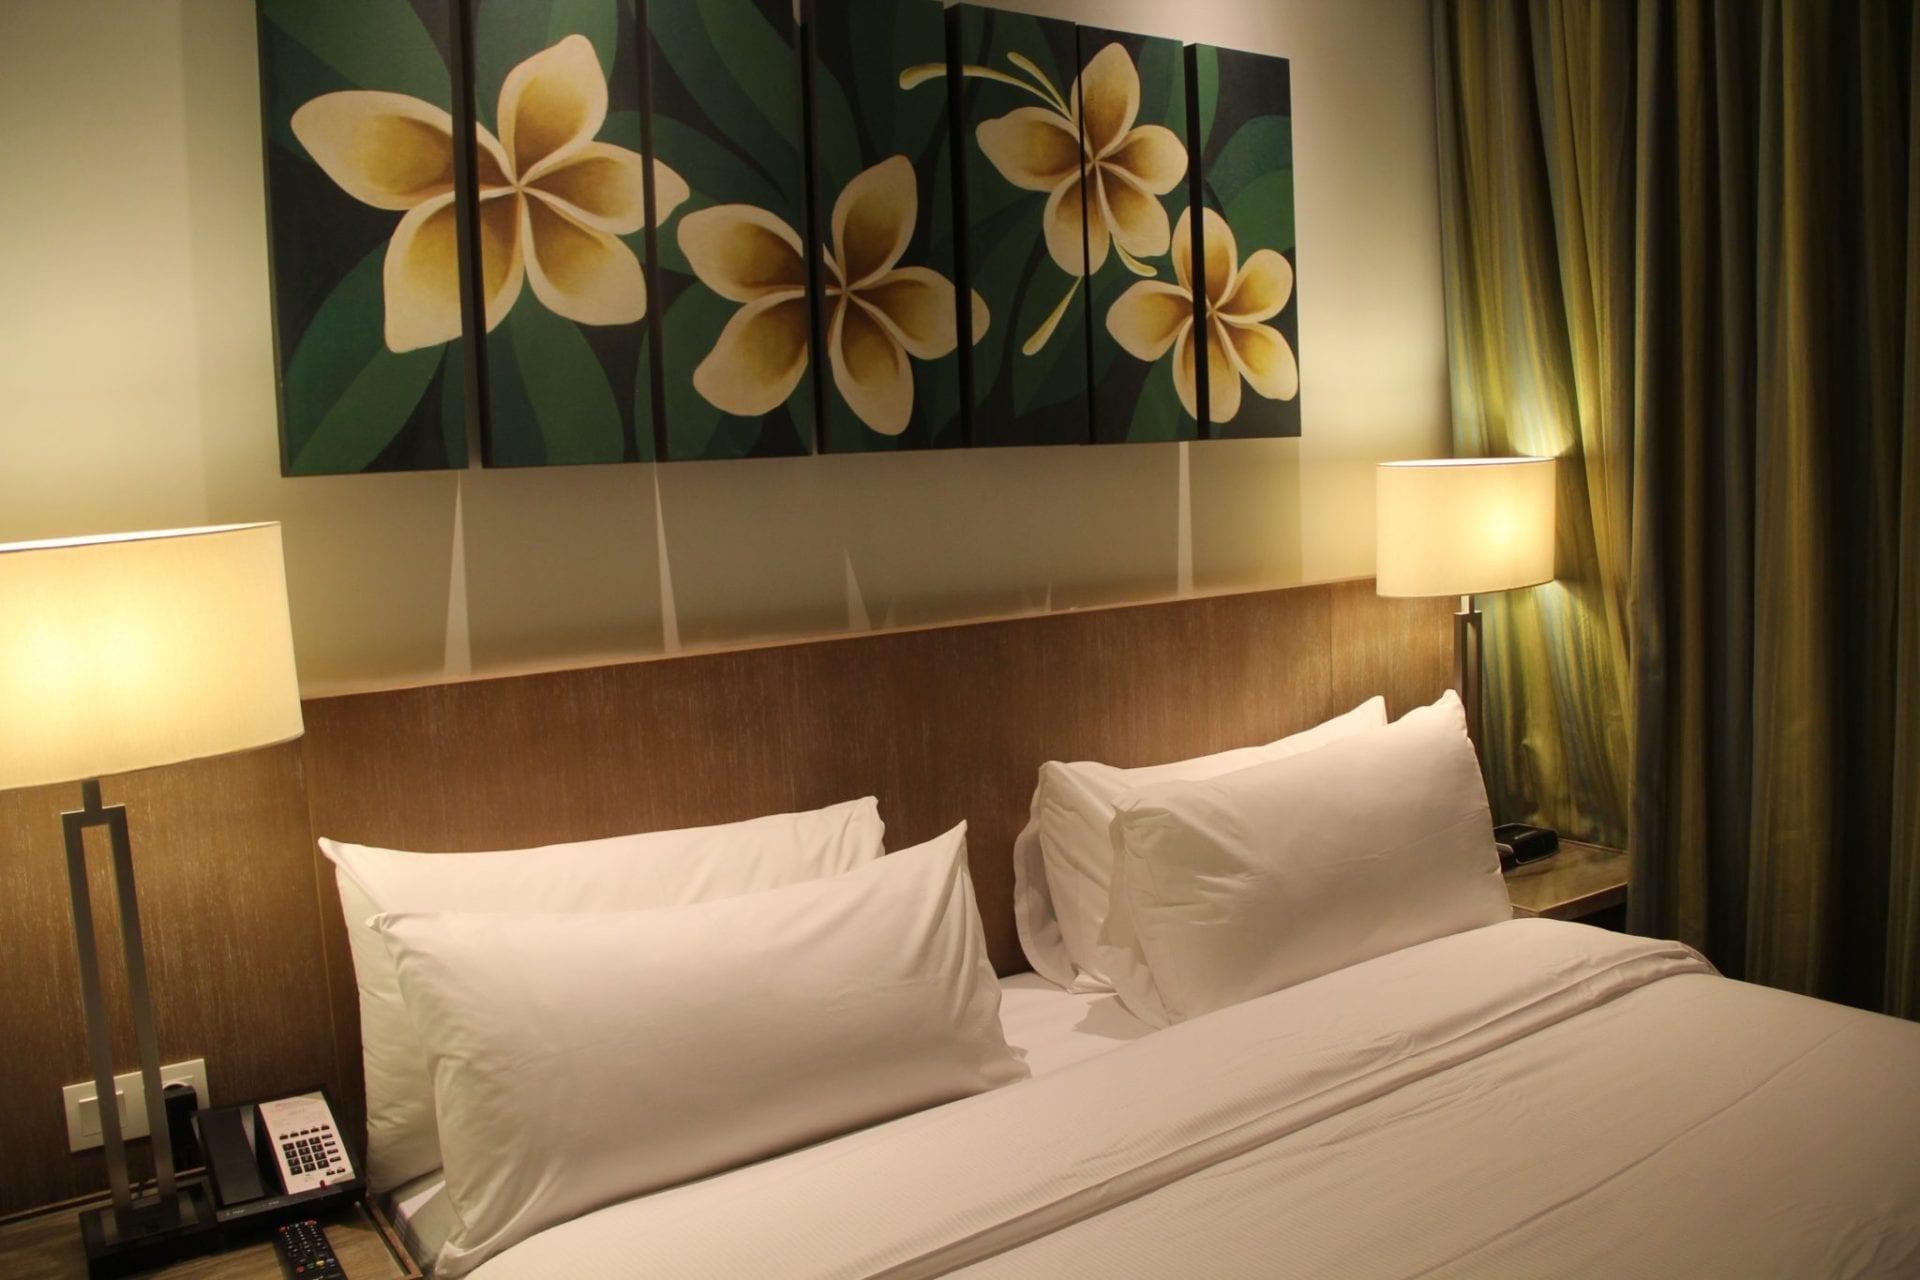 hilton-garden-inn-bali-king-one-bedroom-suie